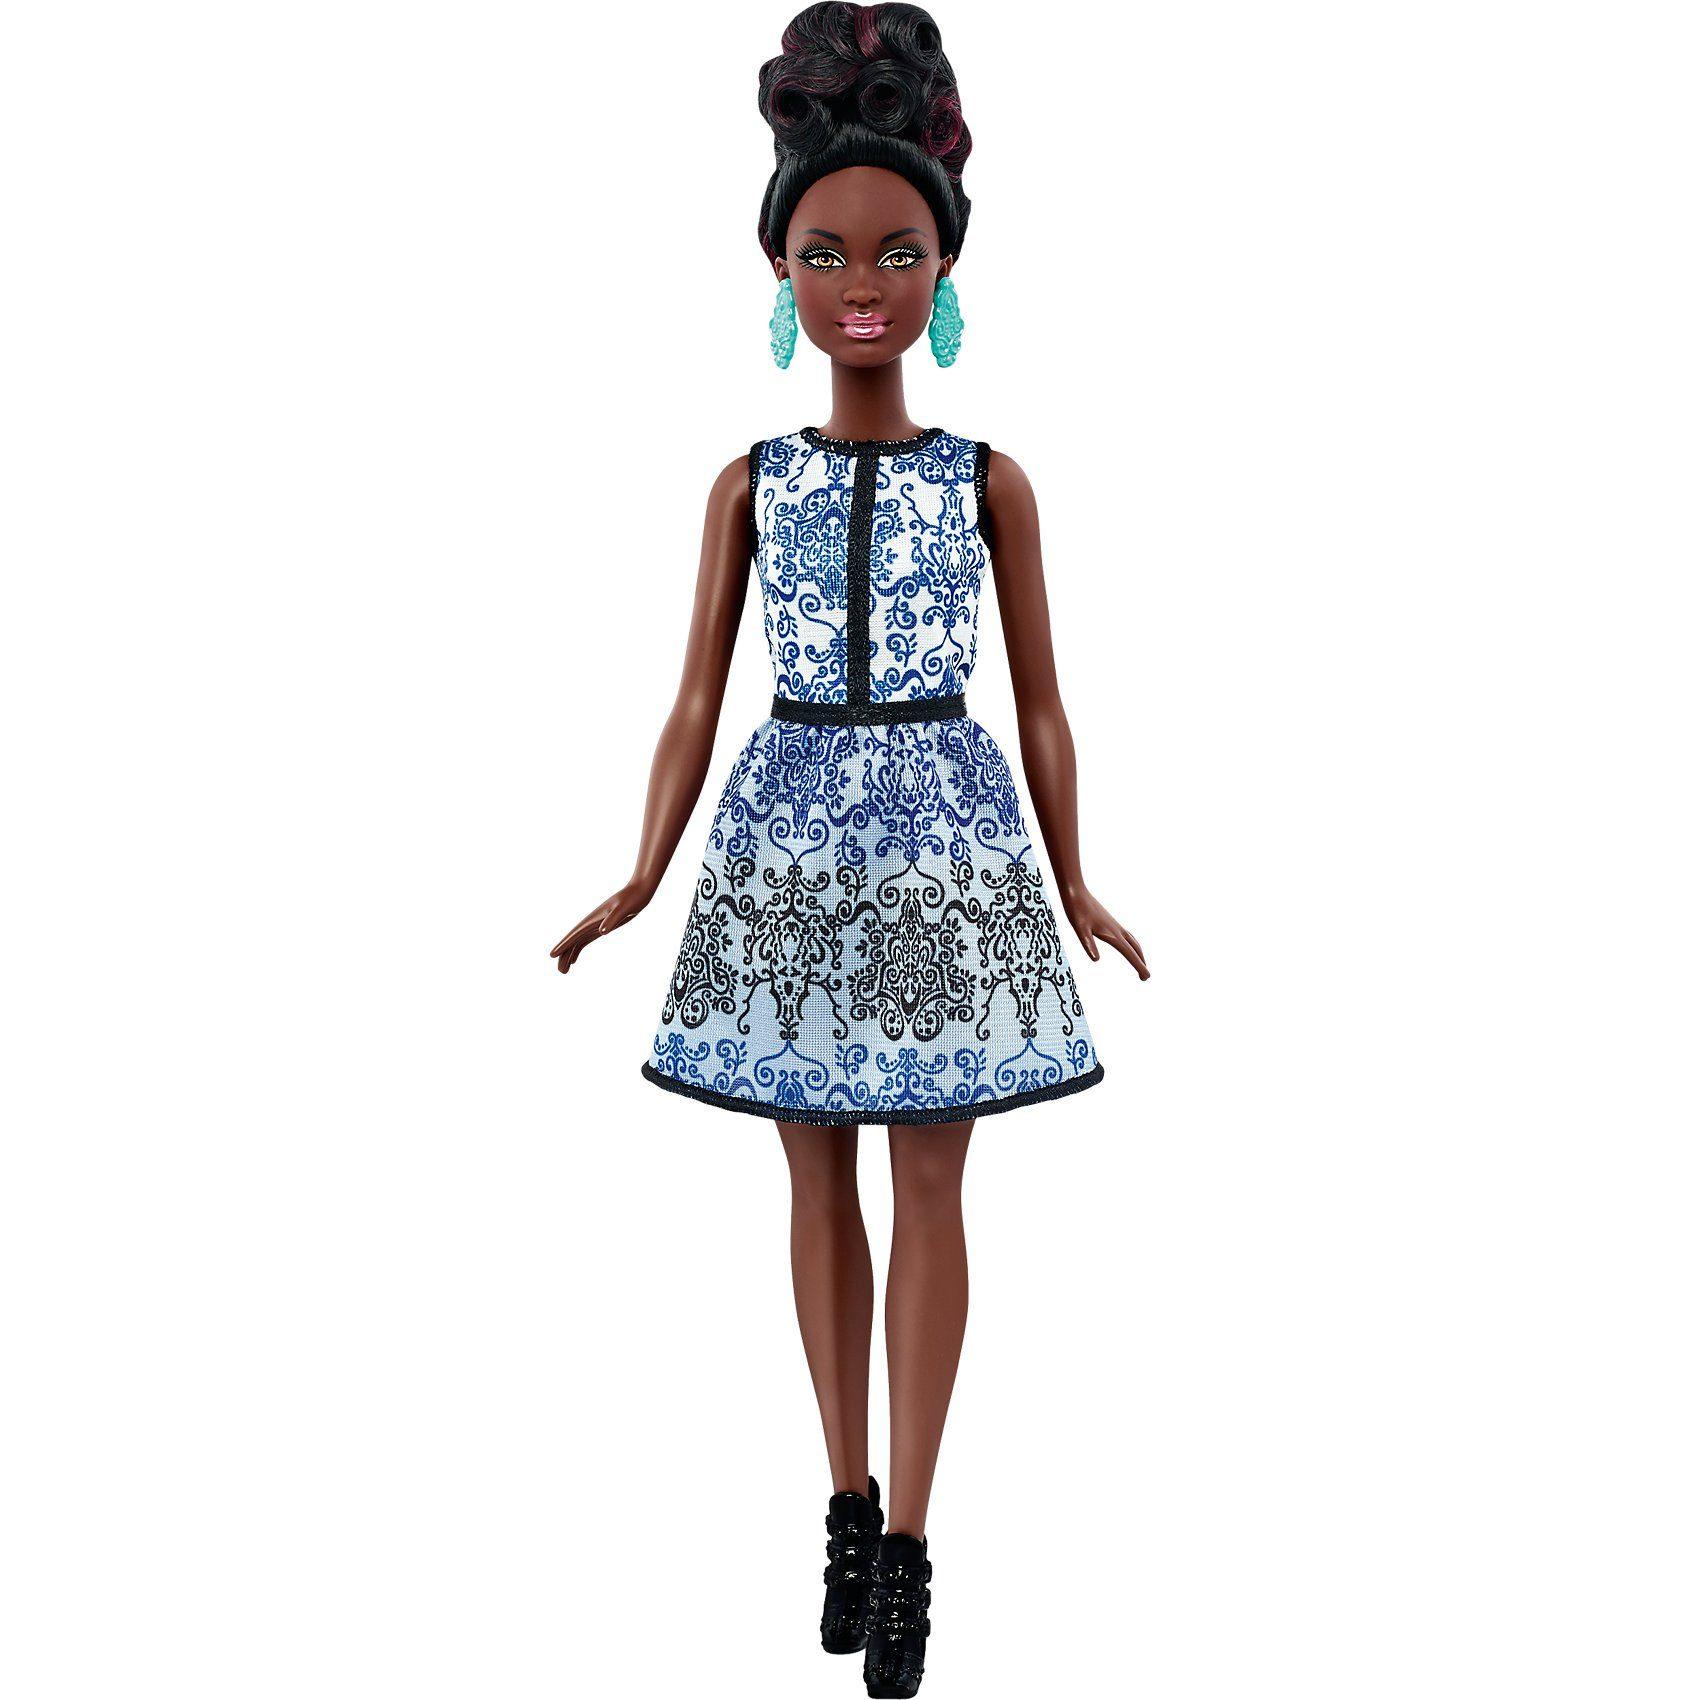 Mattel Fashionista im blauen Brokat-Kleid